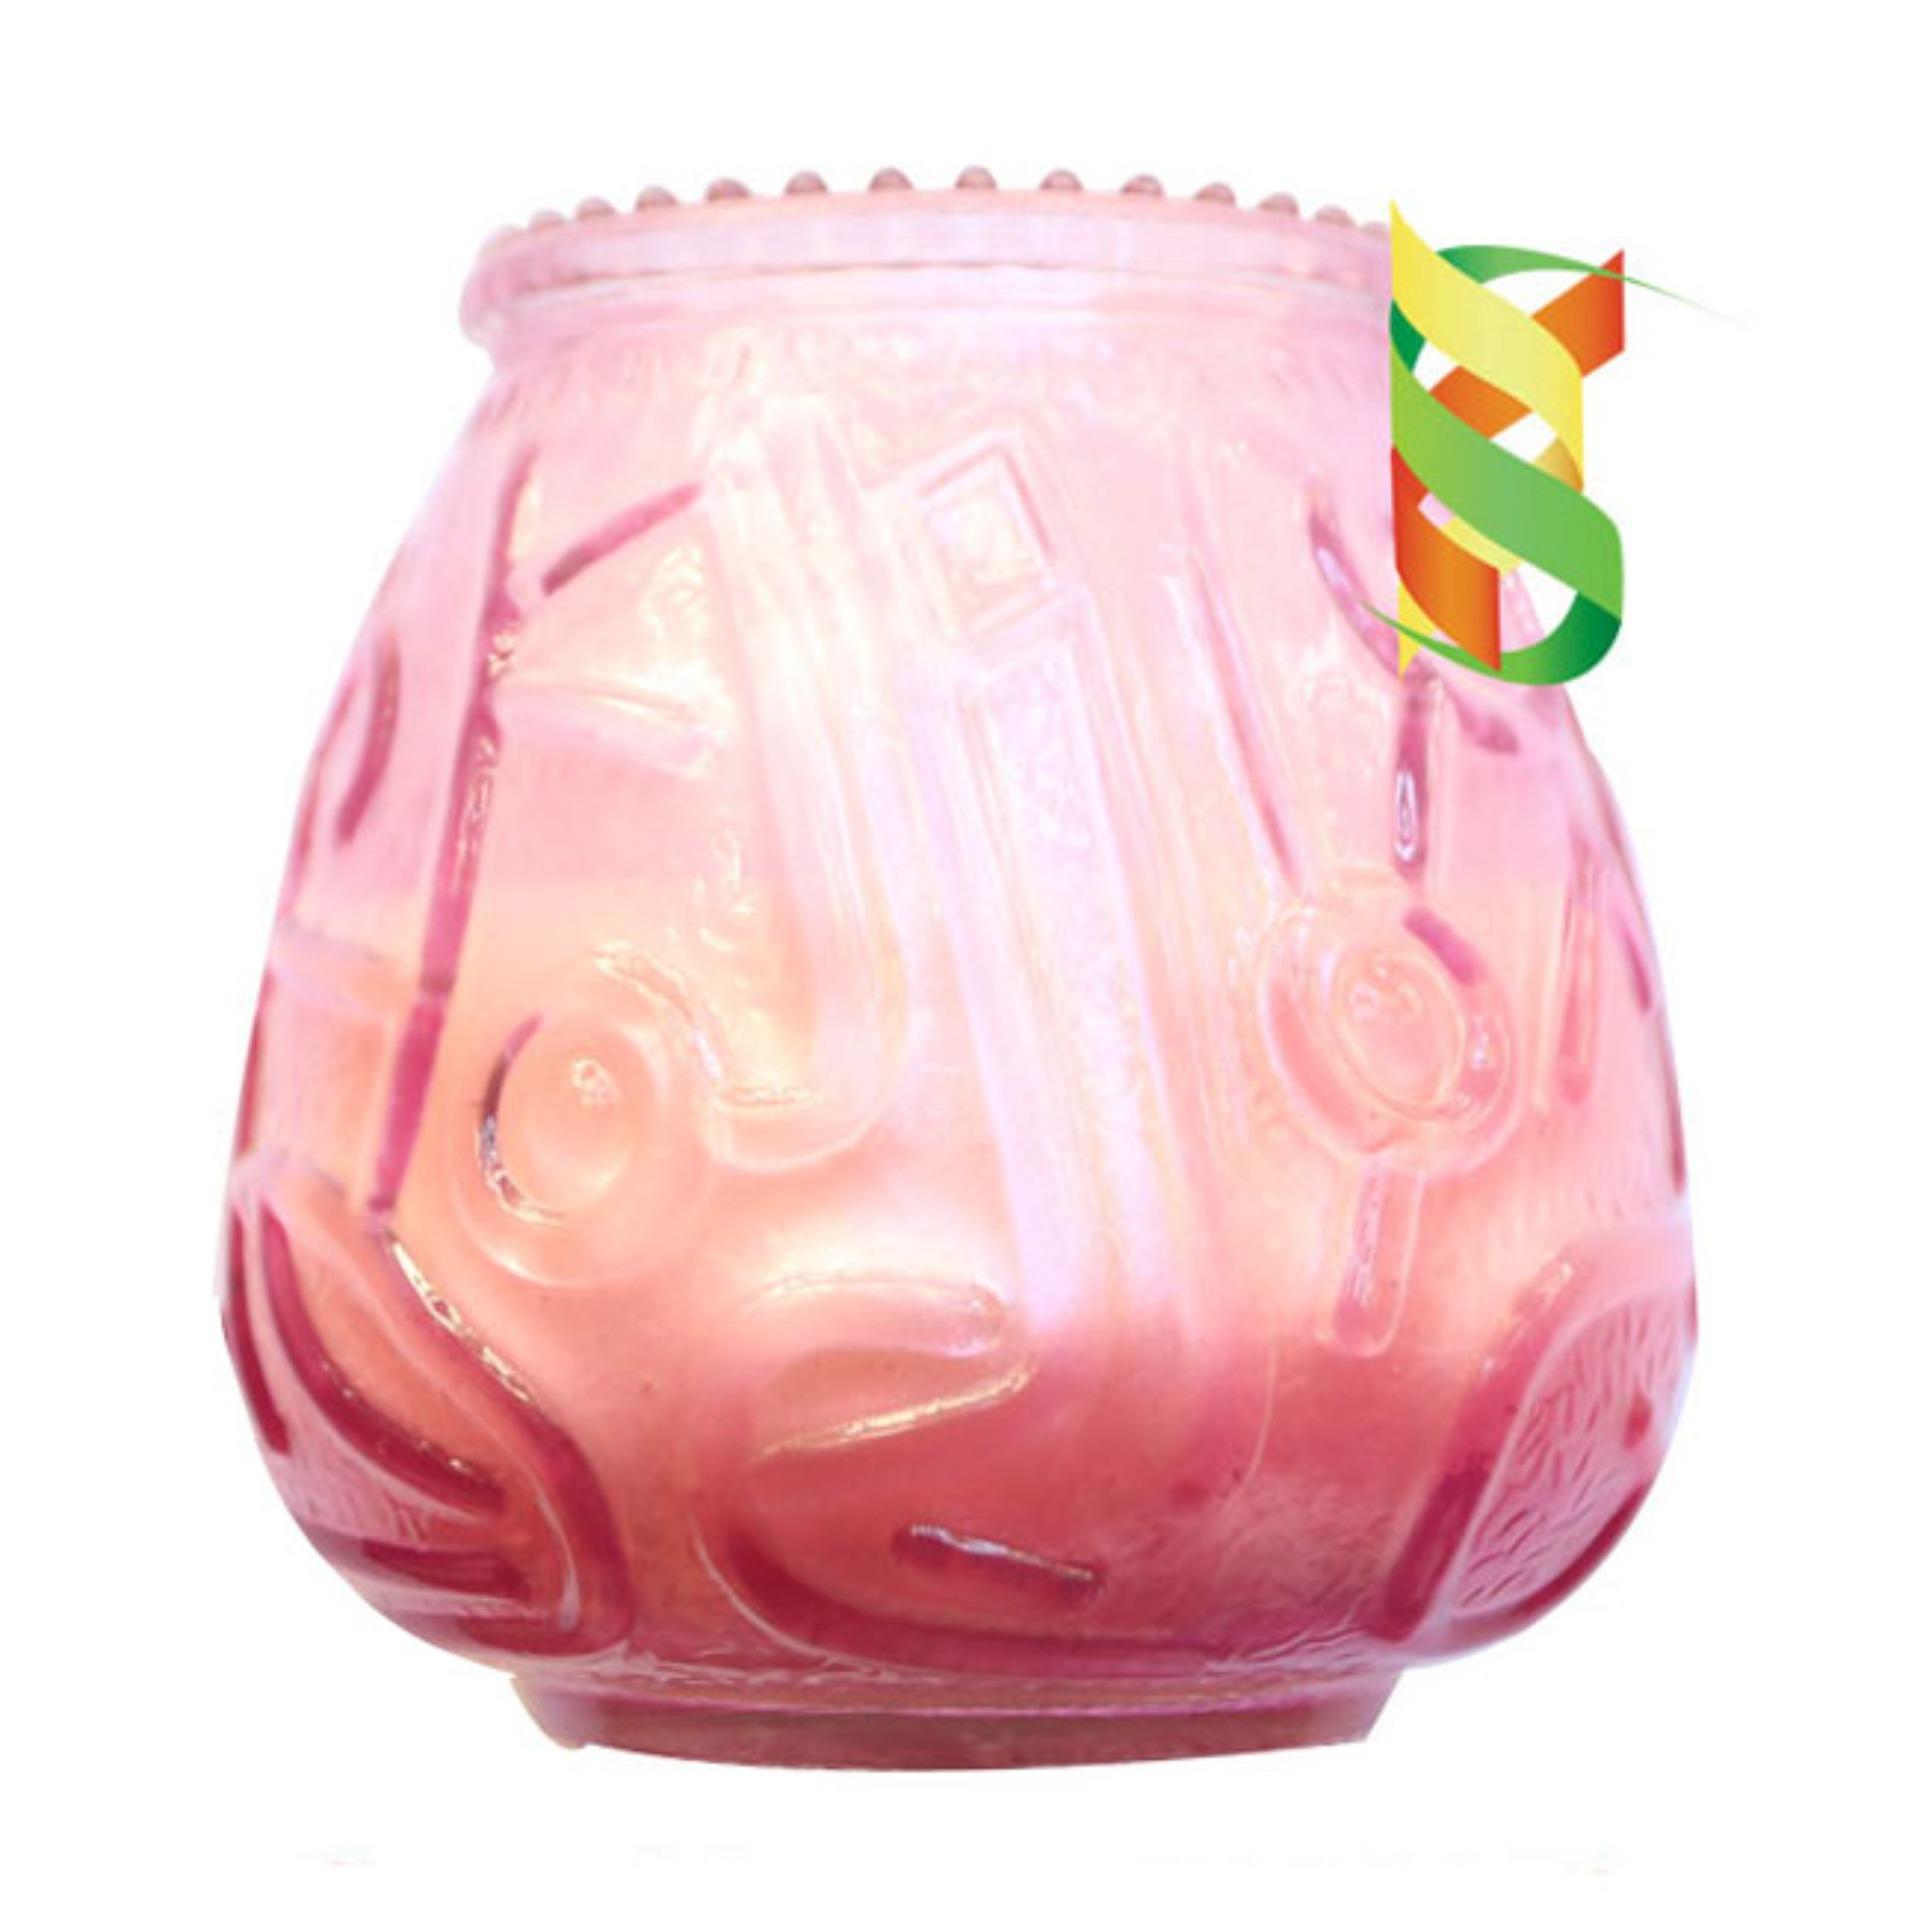 Nơi Bán Nến Hũ Jar thơm cao cấp hương thuần khiết, không độc hại